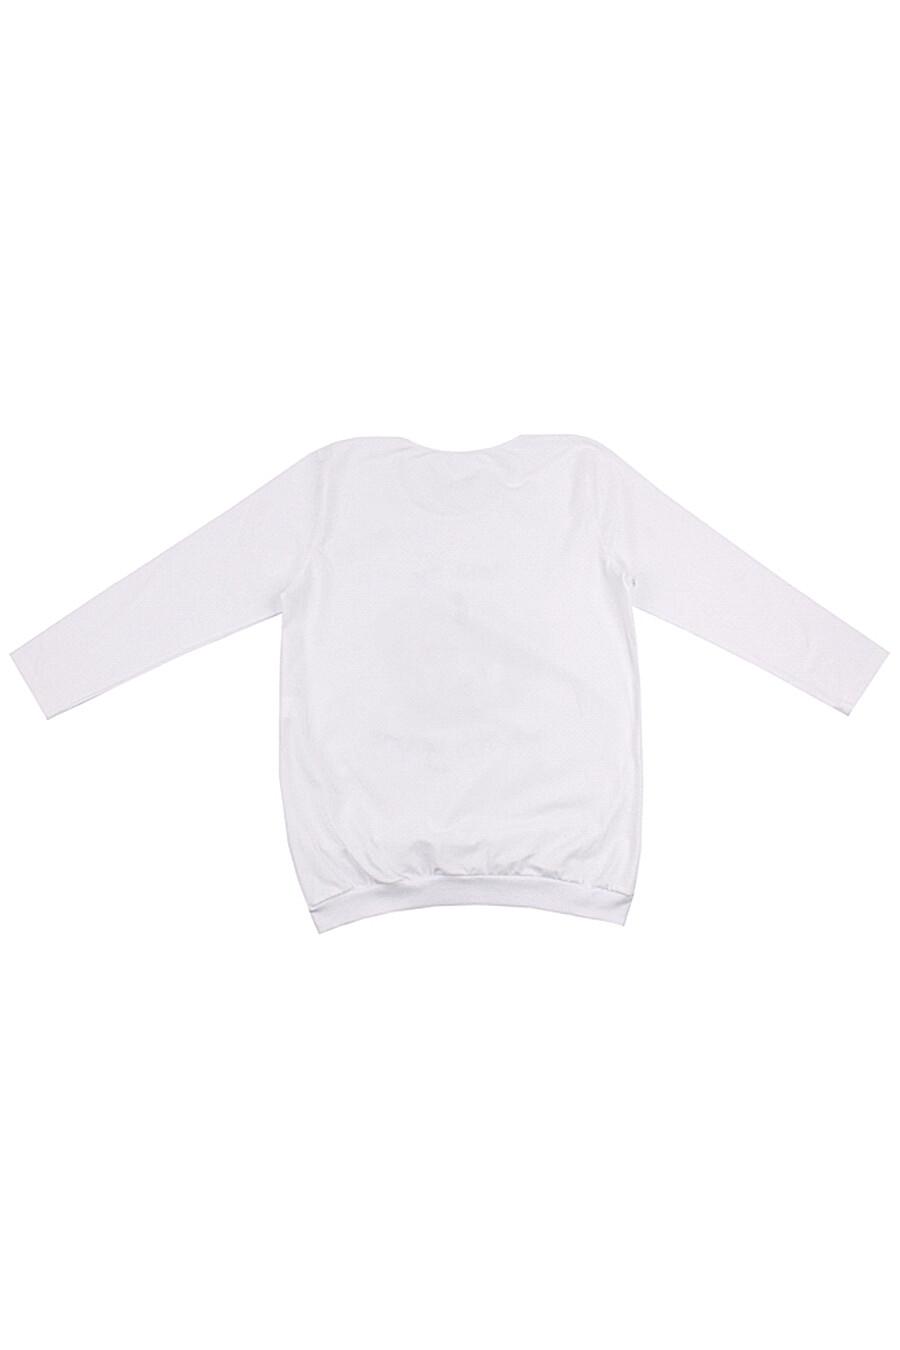 Джемпер для женщин Archi 131160 купить оптом от производителя. Совместная покупка женской одежды в OptMoyo